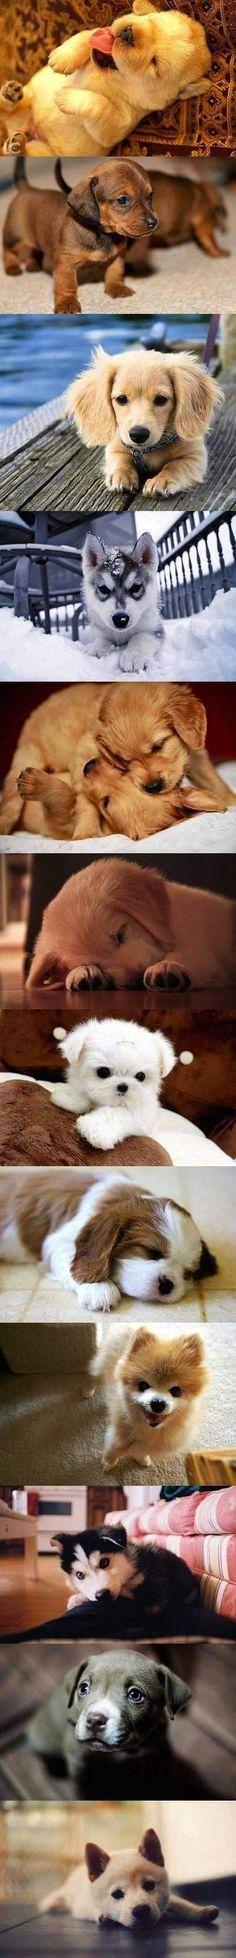 Awwwwwww! I want a puppy that stays little.